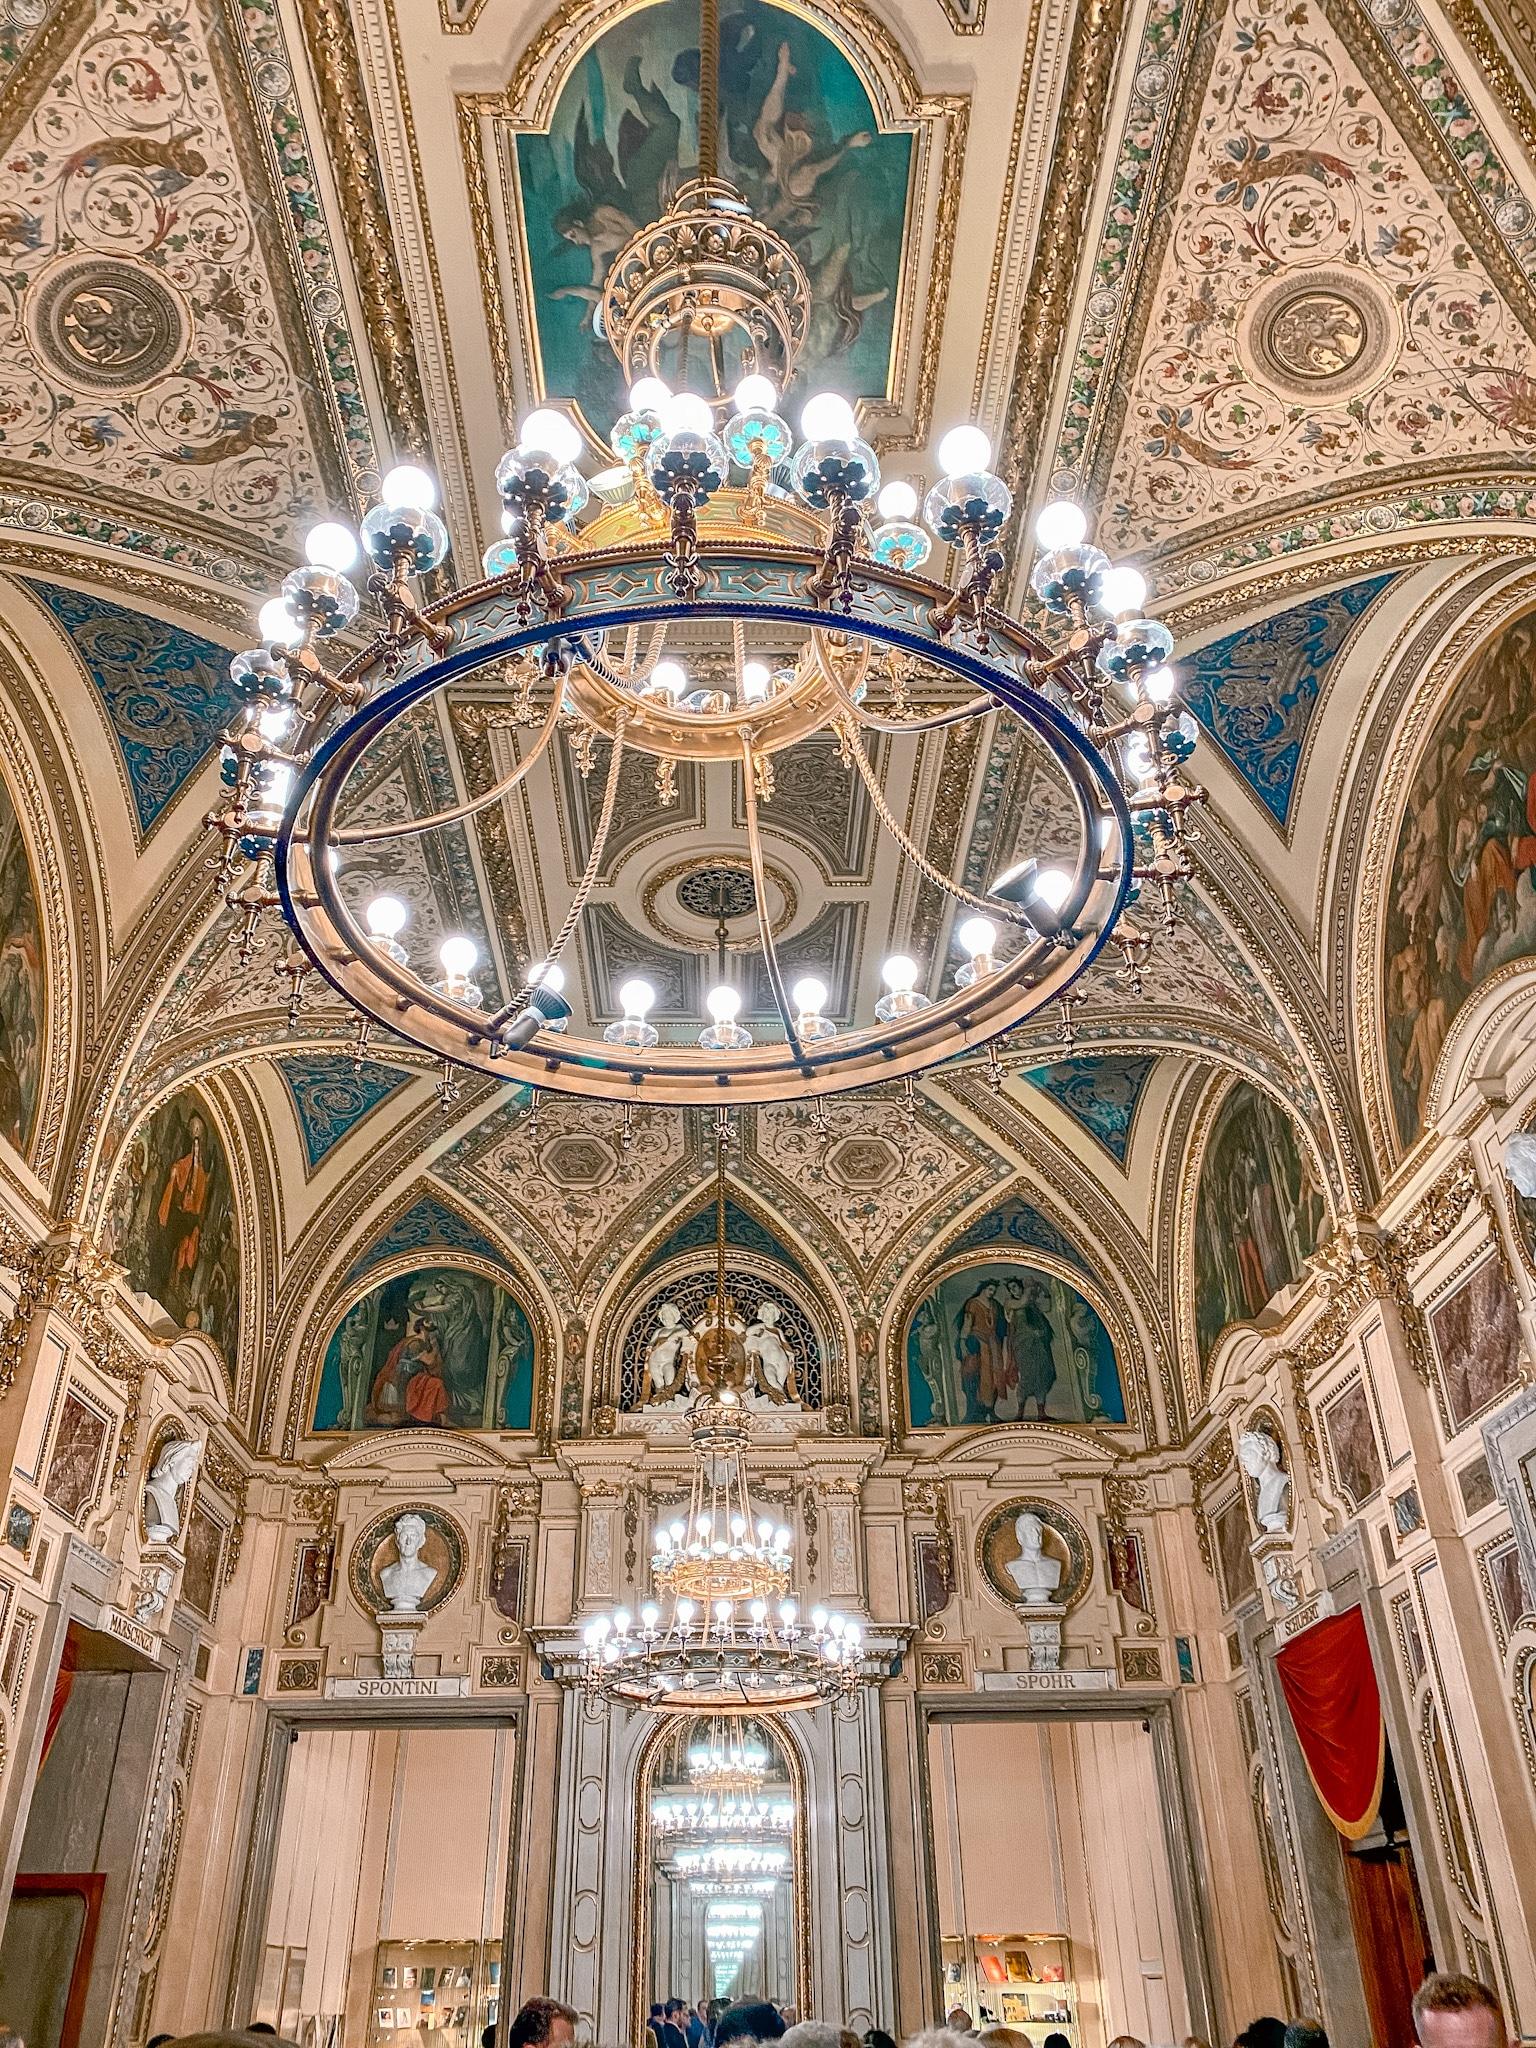 The beautiful interior of Wiener Staatsoper (Vienna State Opera House).